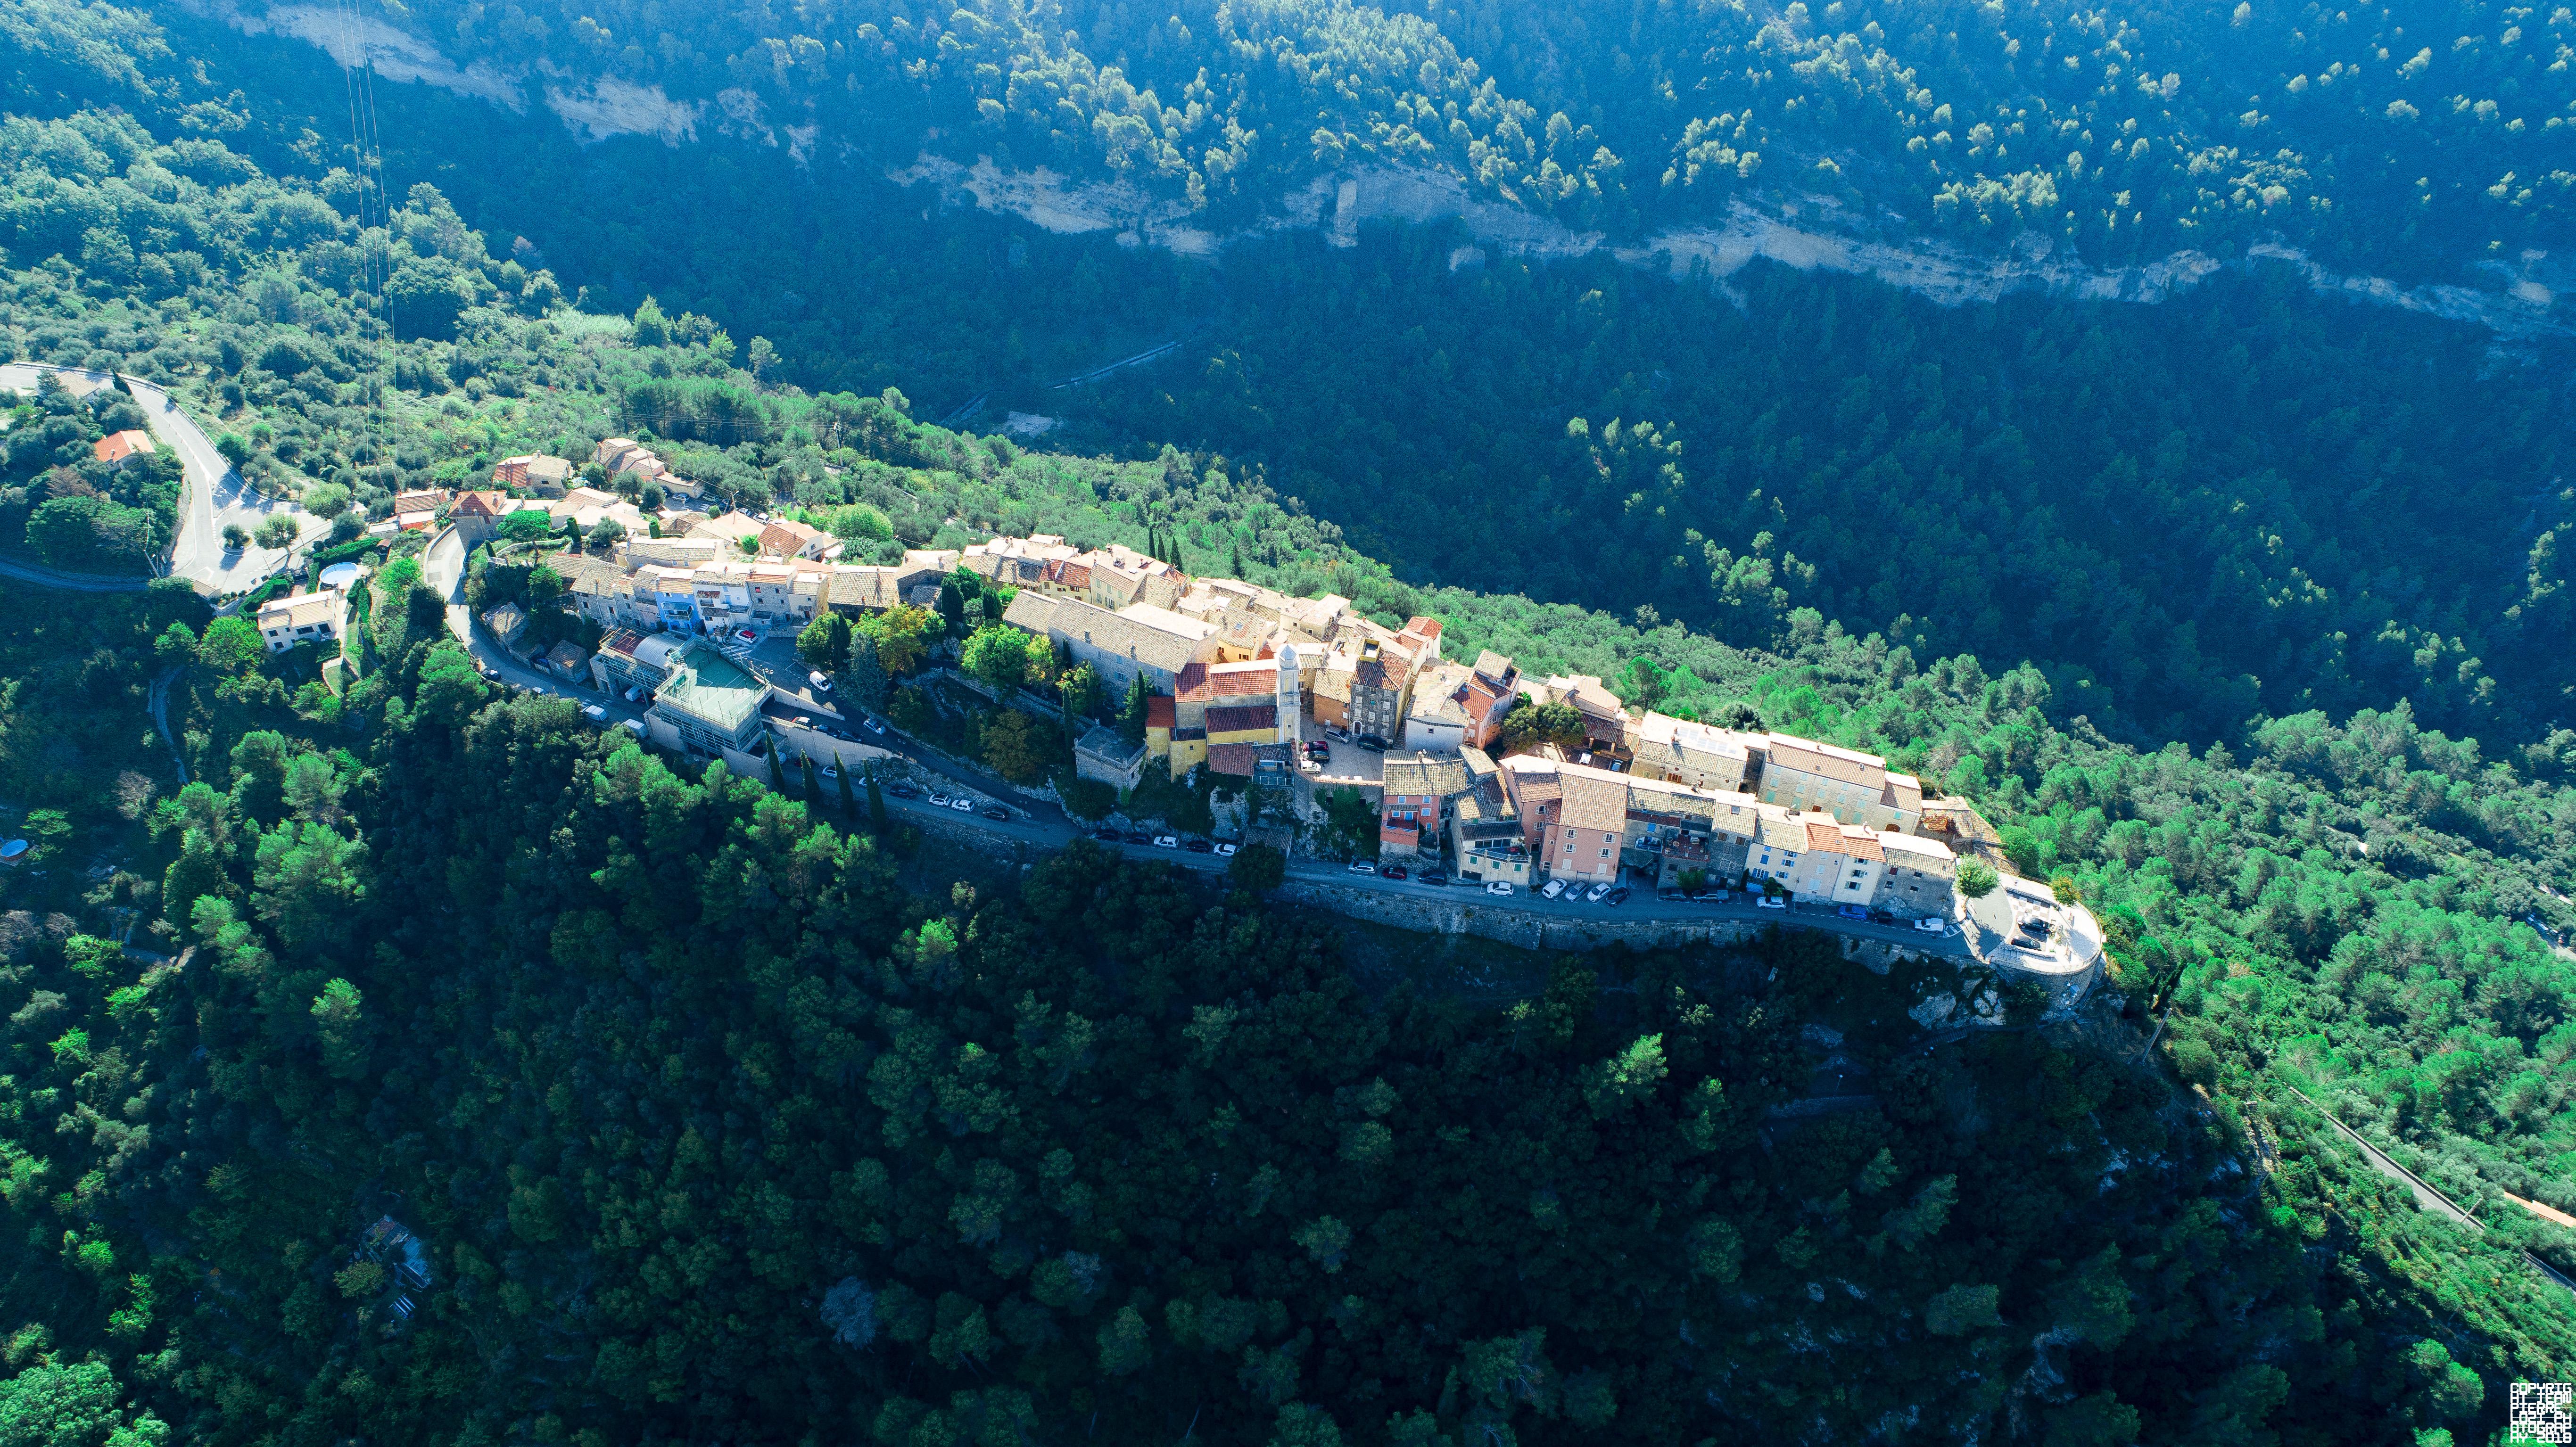 La Roquette-sur-Var, Alpes-Maritimes, France [5464x3070]